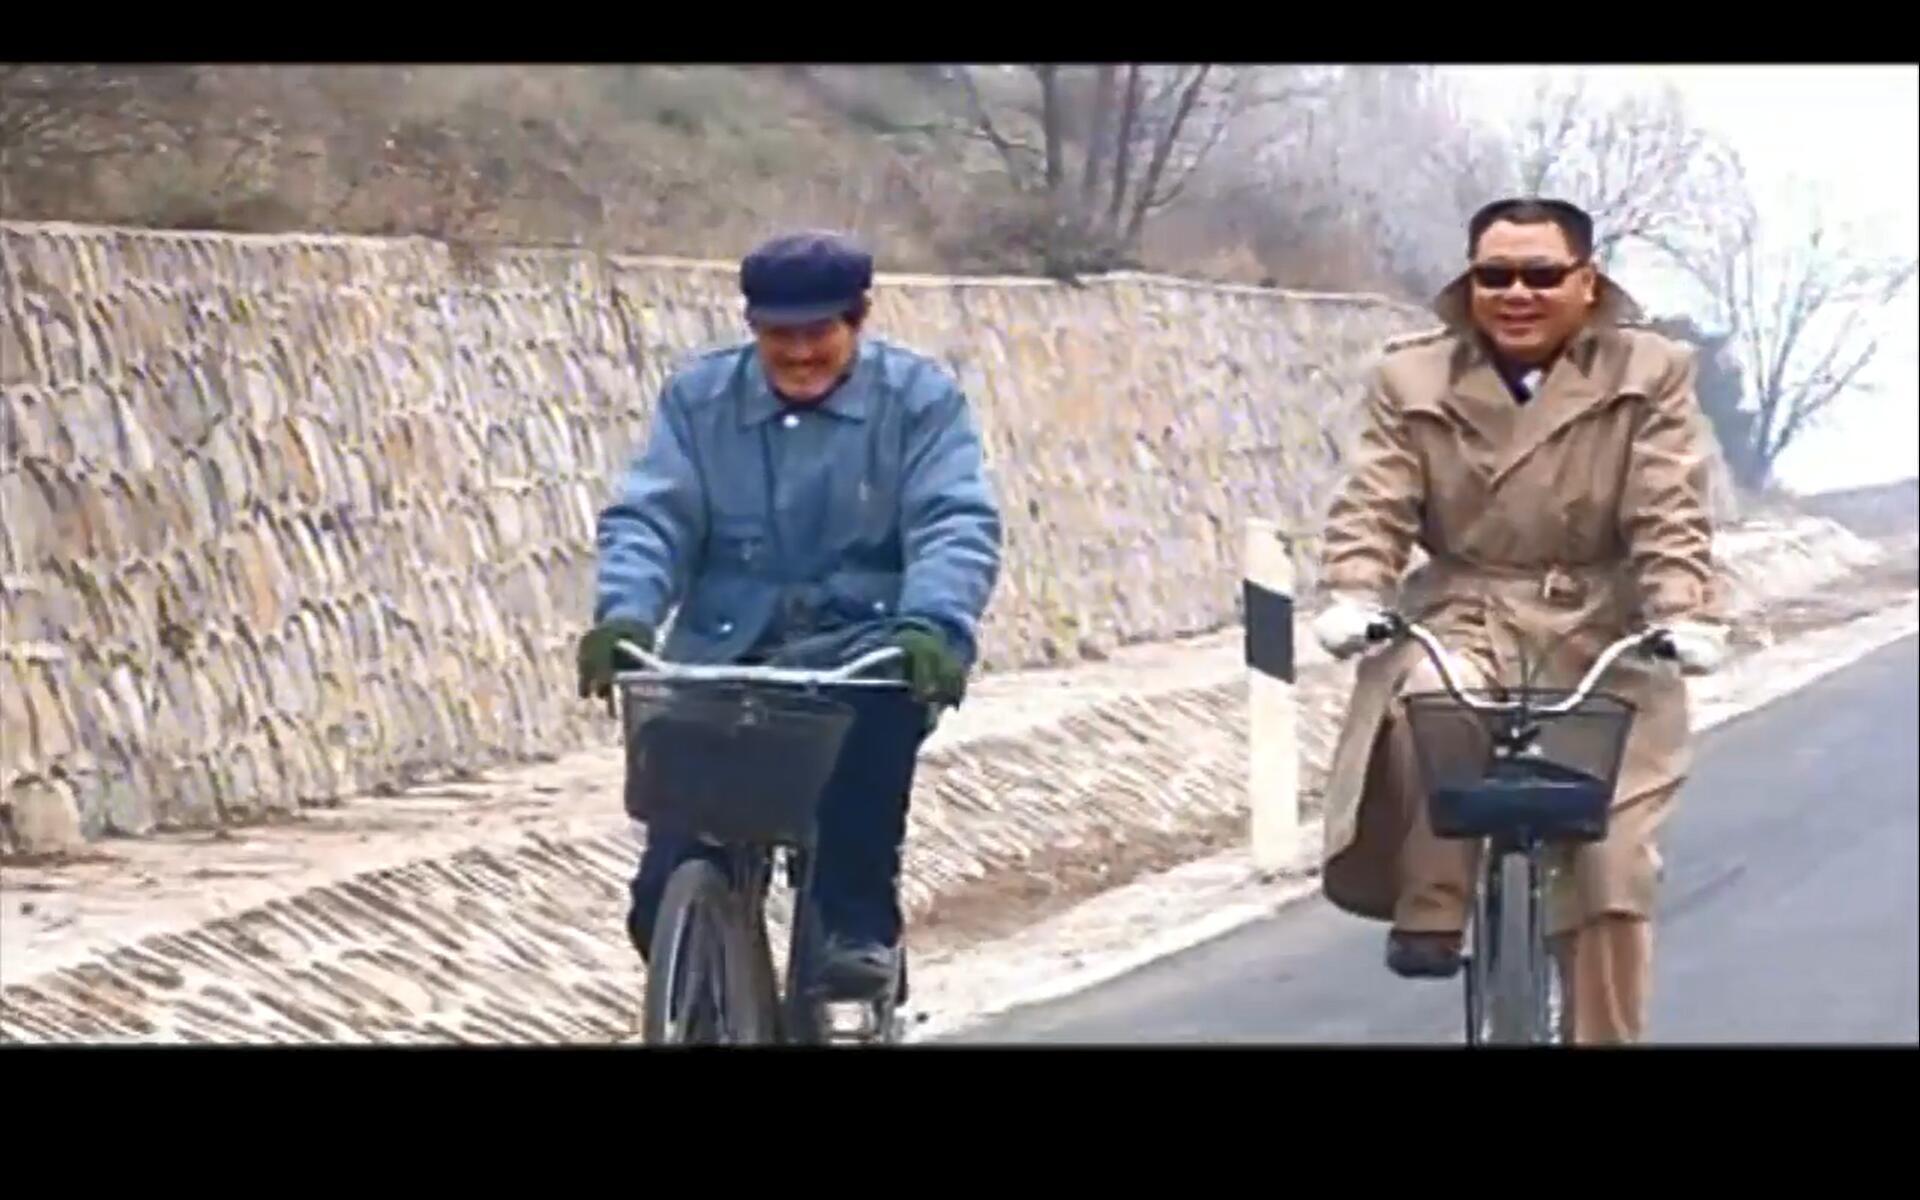 打开 打开 马大帅范德彪论打架 打开 马大帅:高速上还能骑自行车?